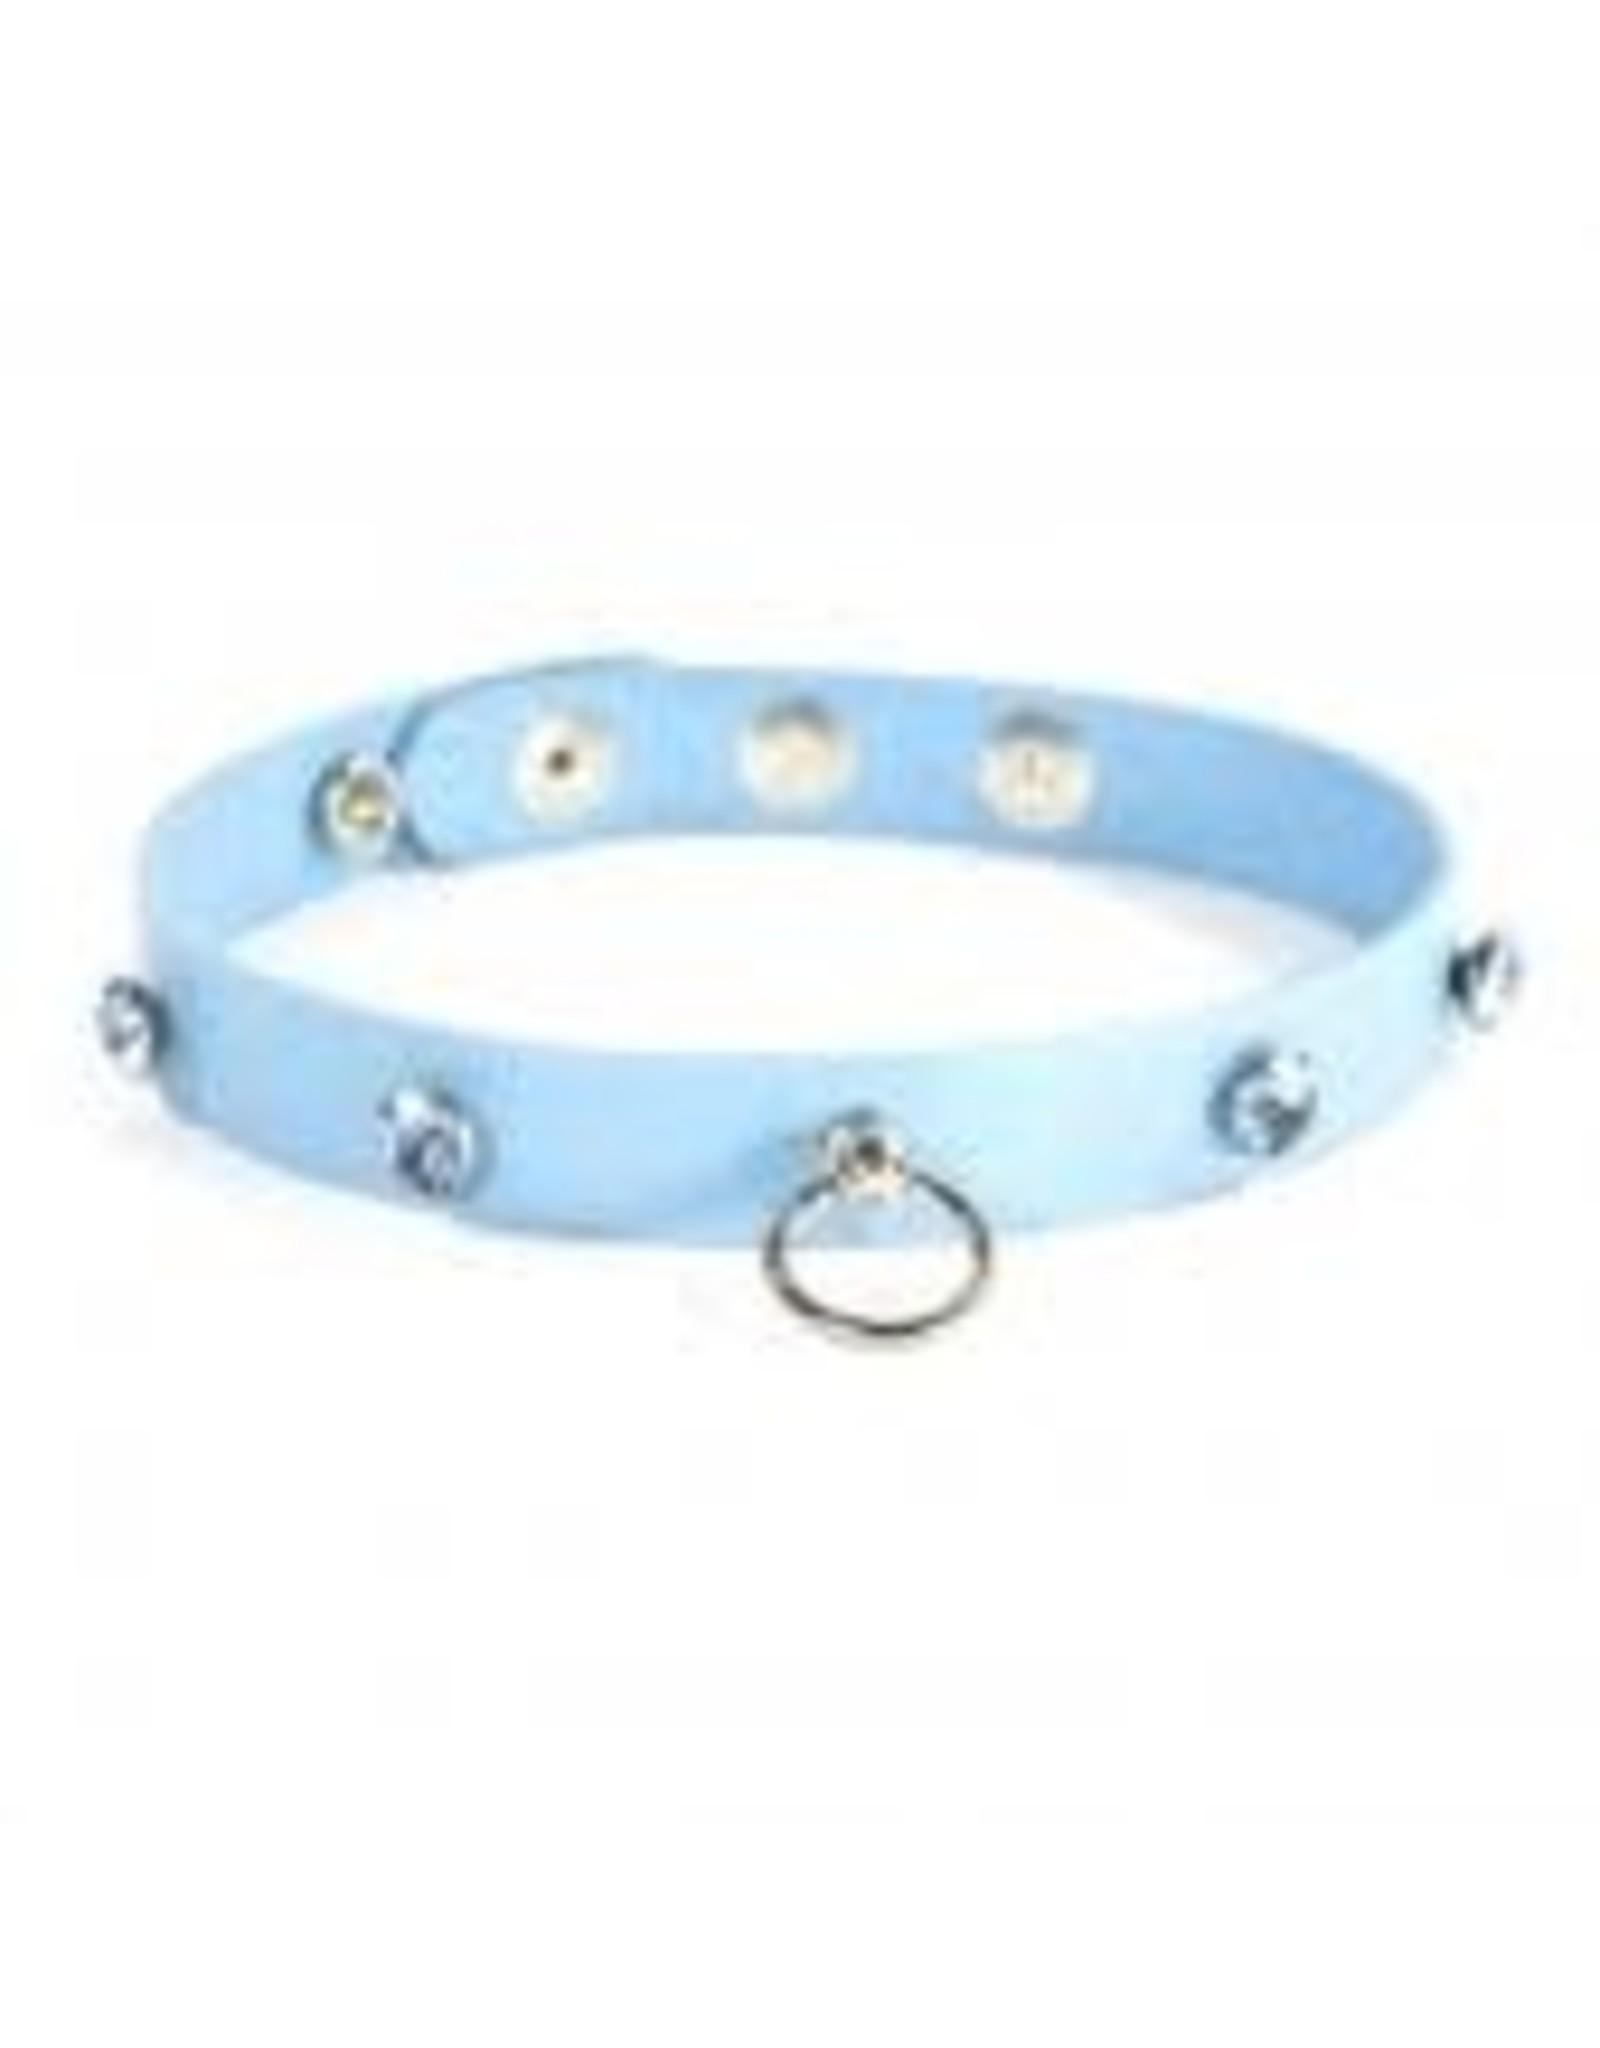 Ego Driven Ego Driven - Wicked Collar - Medium Blue/Clear Gems